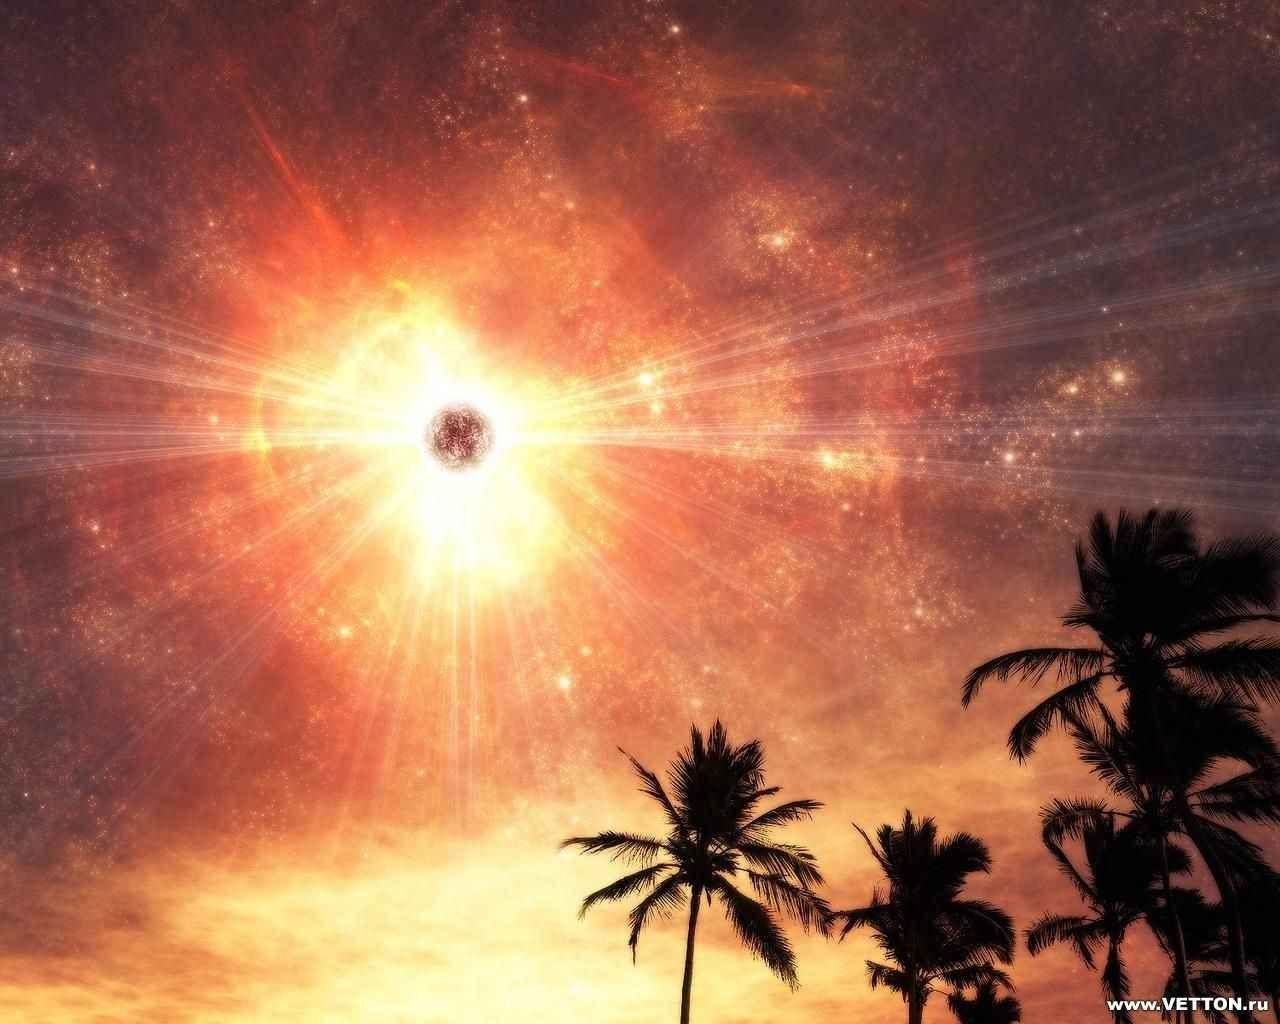 4208 скачать обои Пейзаж, Небо, Солнце, Пальмы - заставки и картинки бесплатно